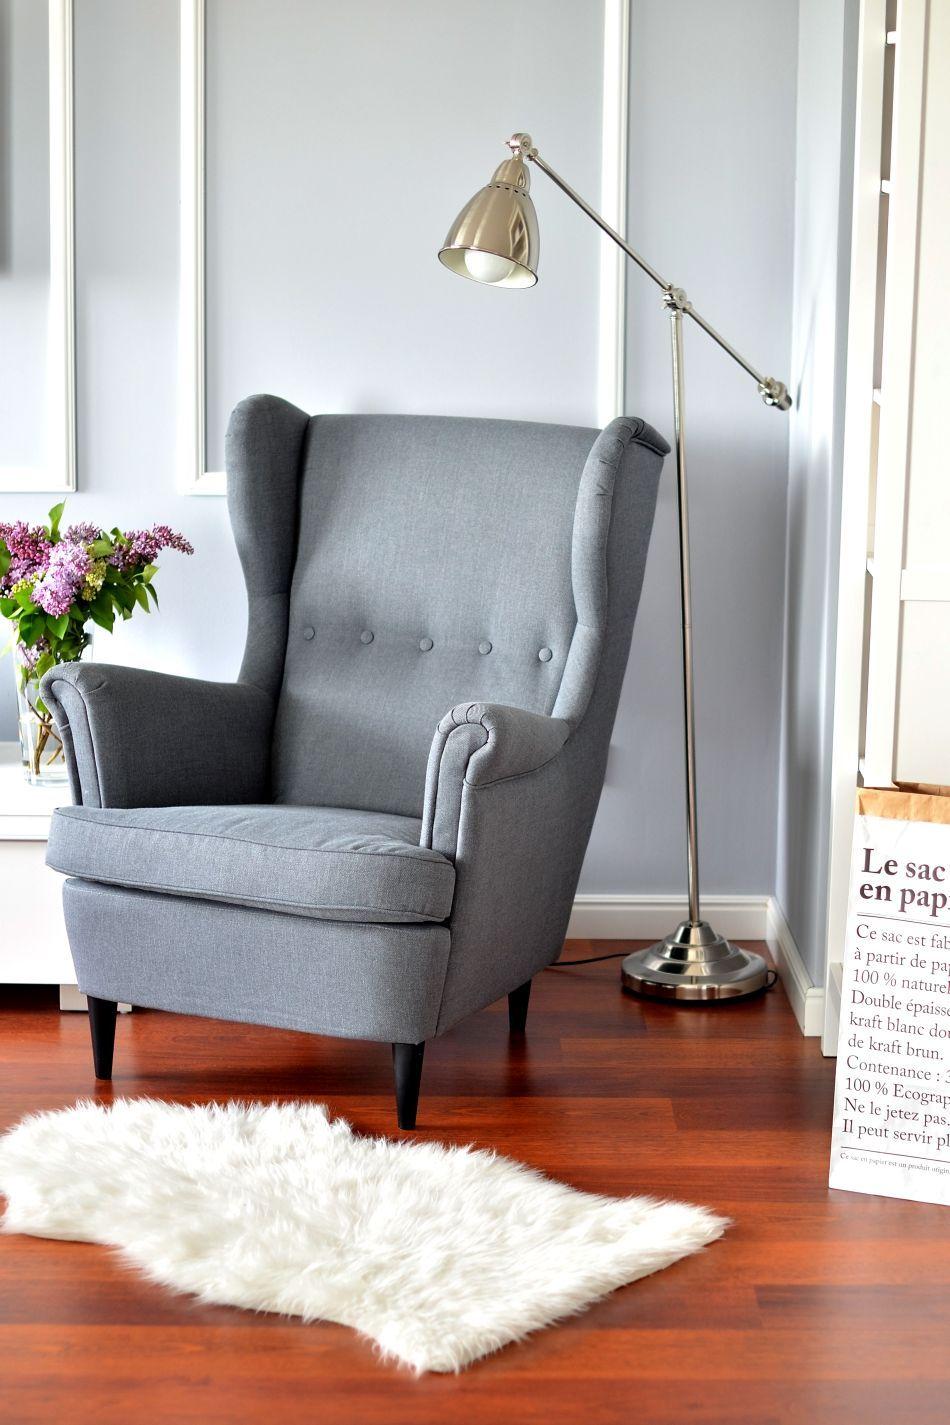 ikea fotel strandmon - Szukaj w Google  Haus deko, Ikea stuhl